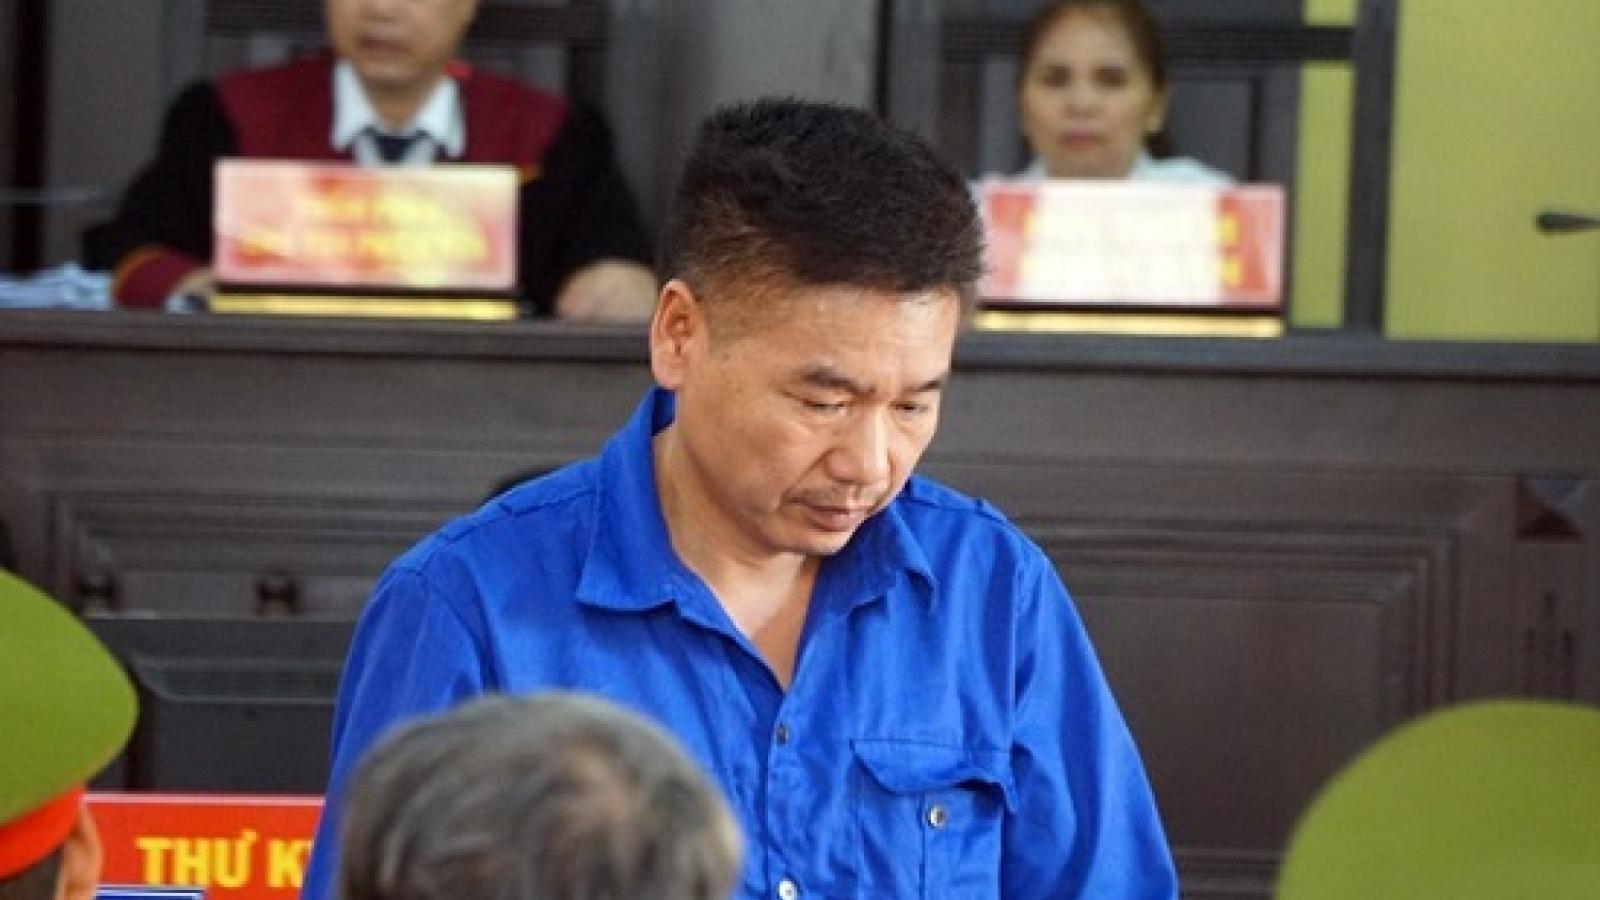 Tòa cấp cao tại Hà Nội sẽ xử phúc thẩm vụ án gian lận thi cử ở Sơn La